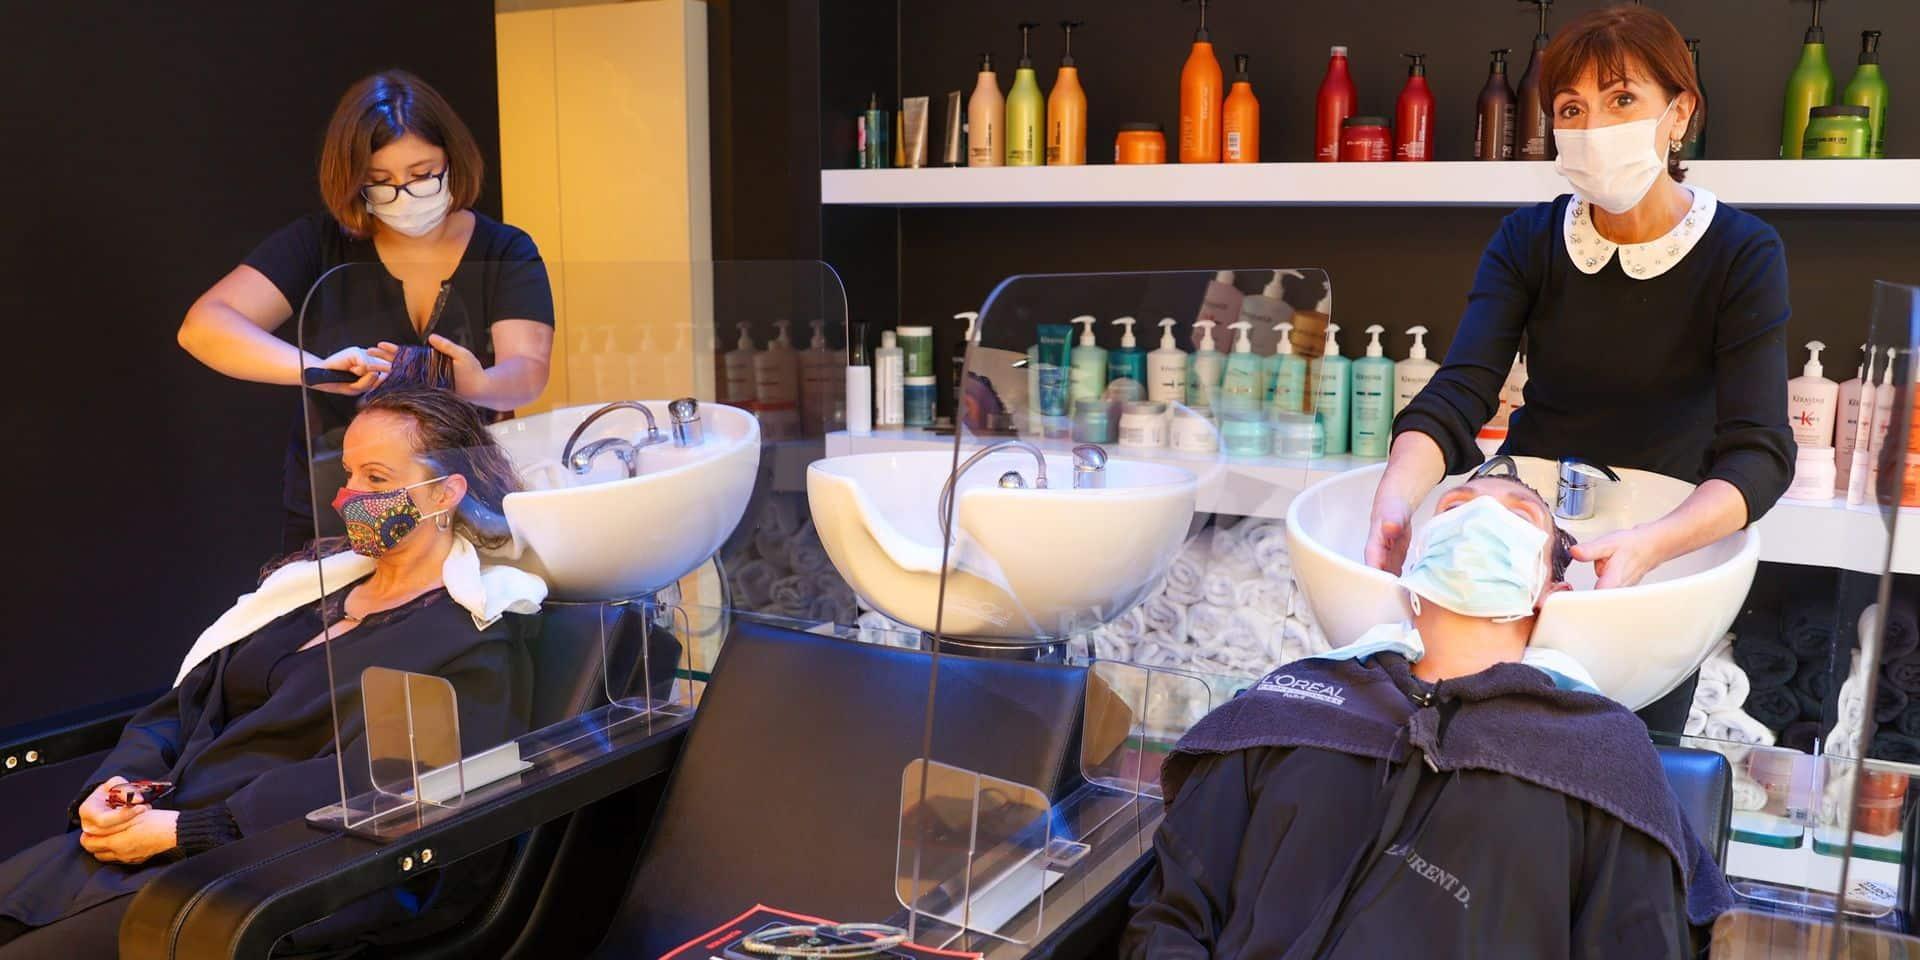 Les experts du GEMS ne préconisent pas la réouverture des coiffeurs le 13 février